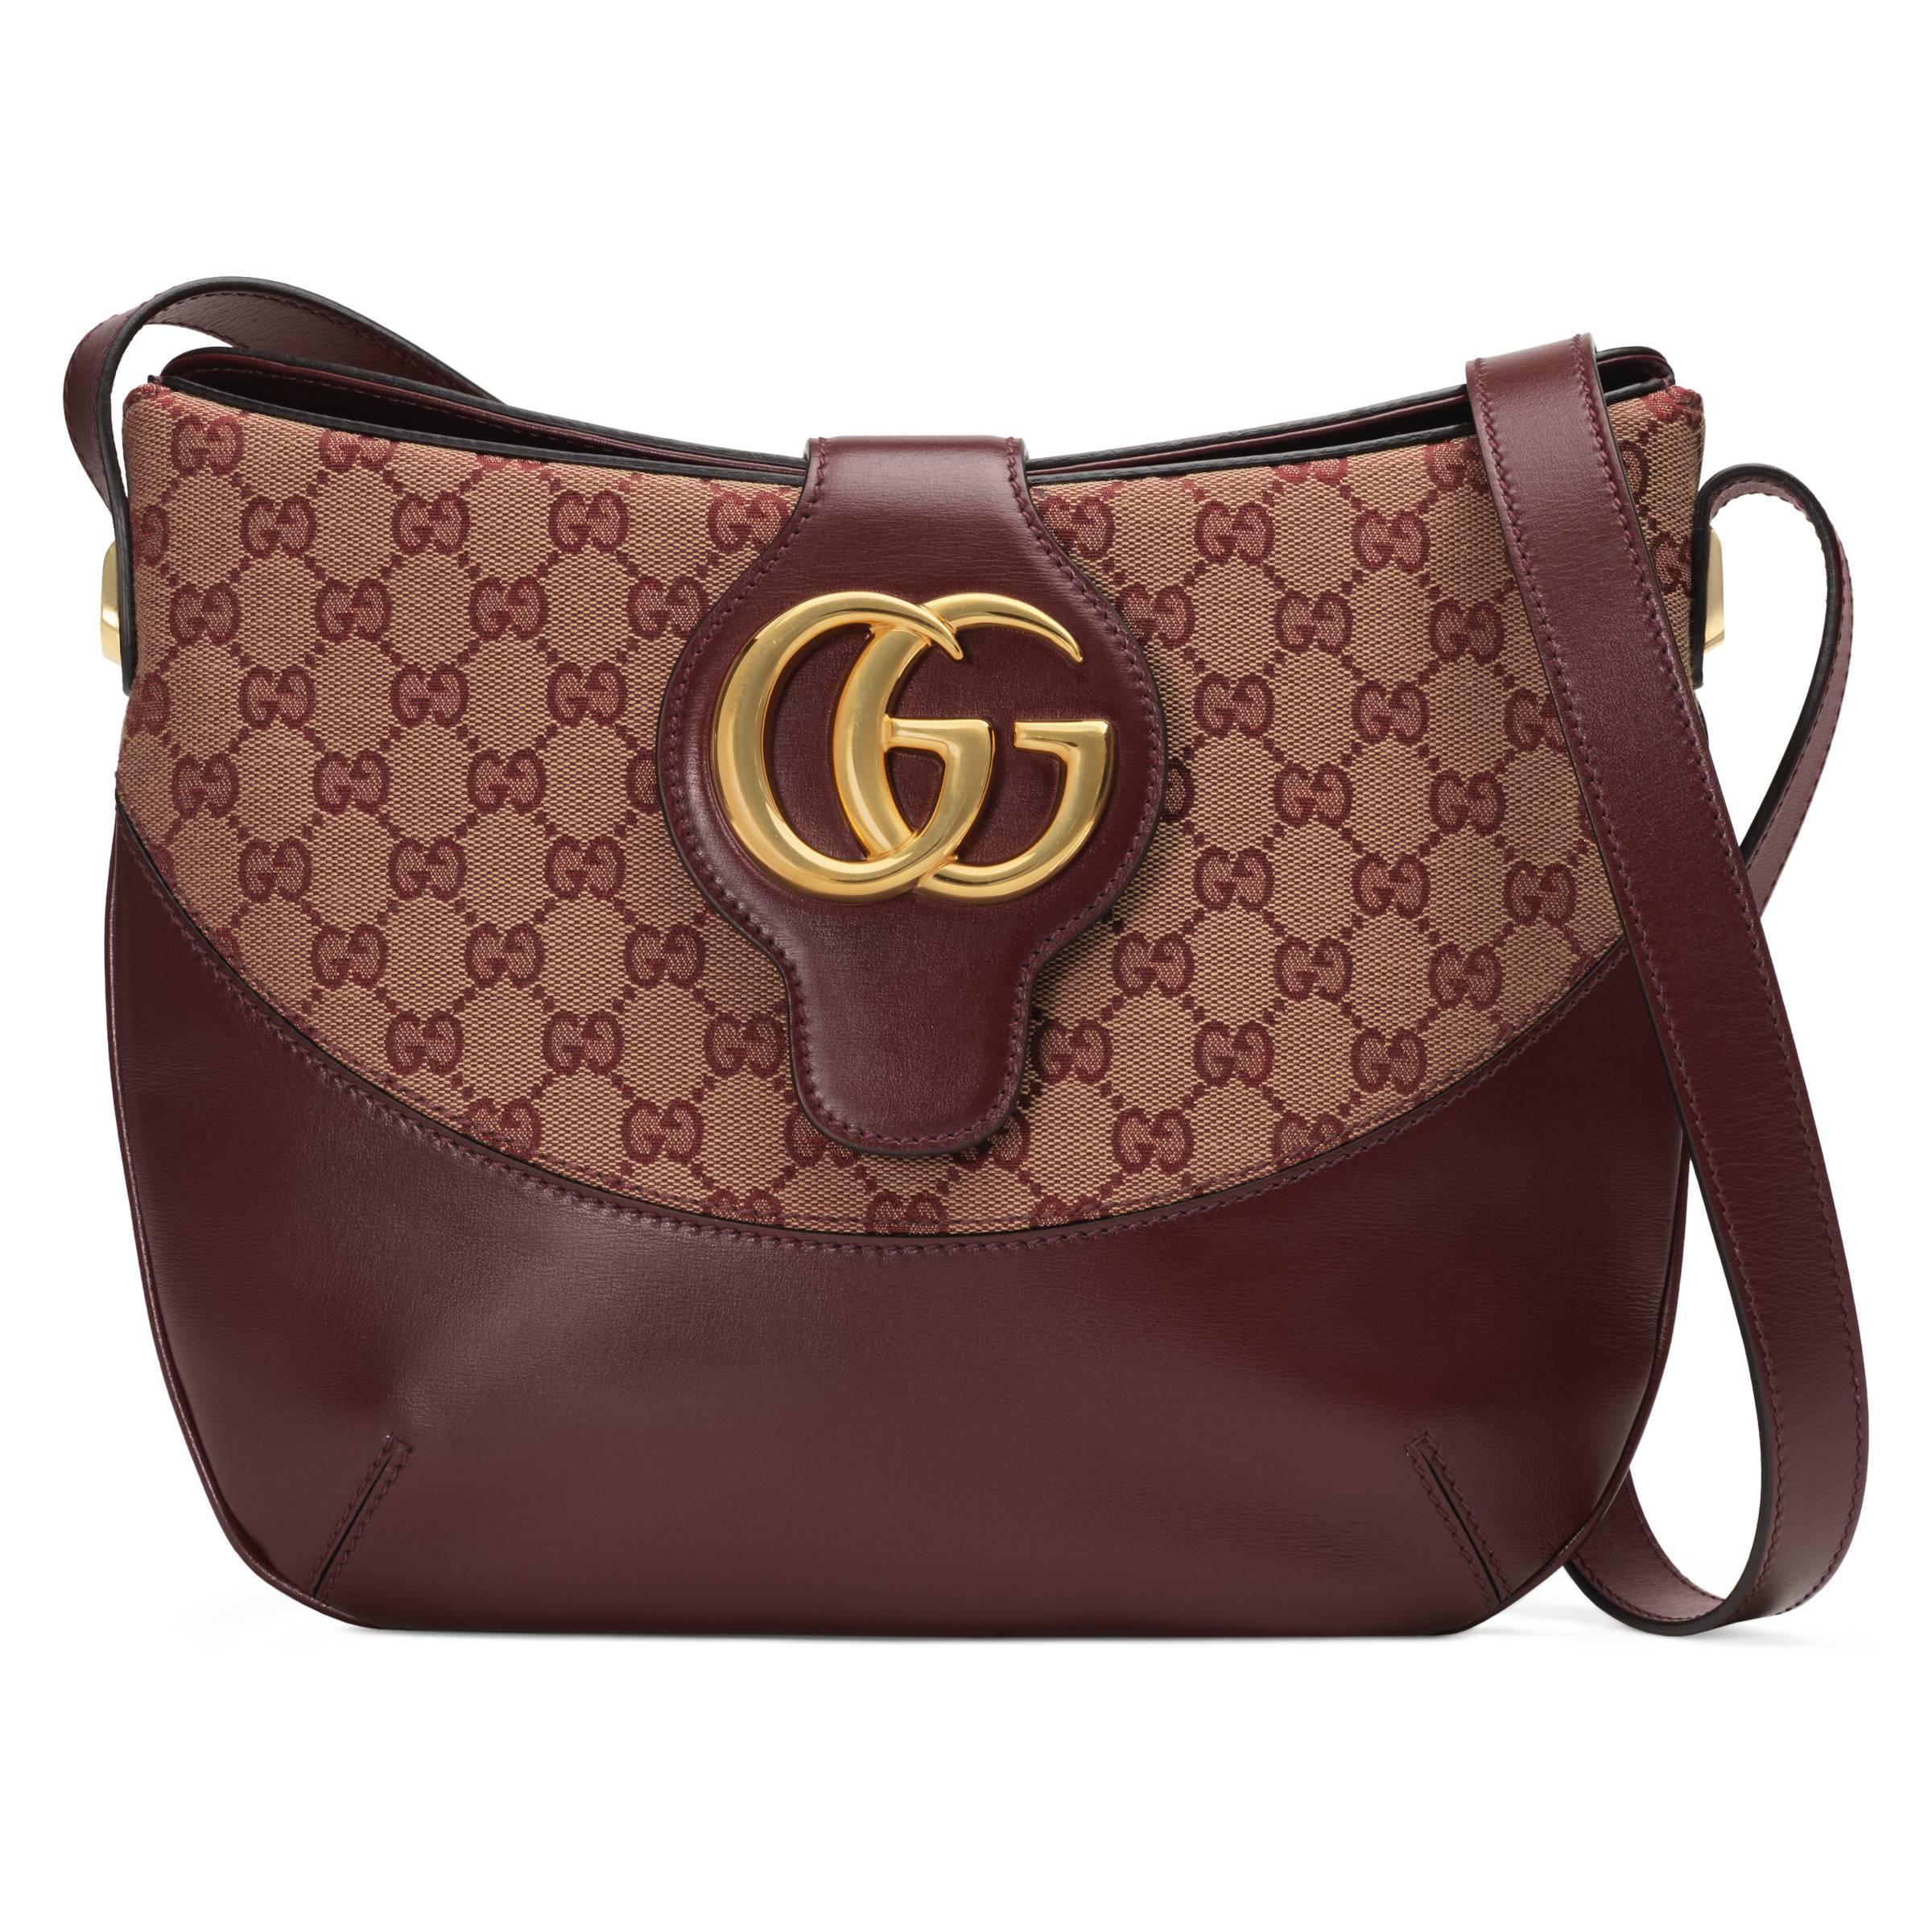 2b2754a59cbc Gucci. Women's Arli GG Medium Shoulder Bag